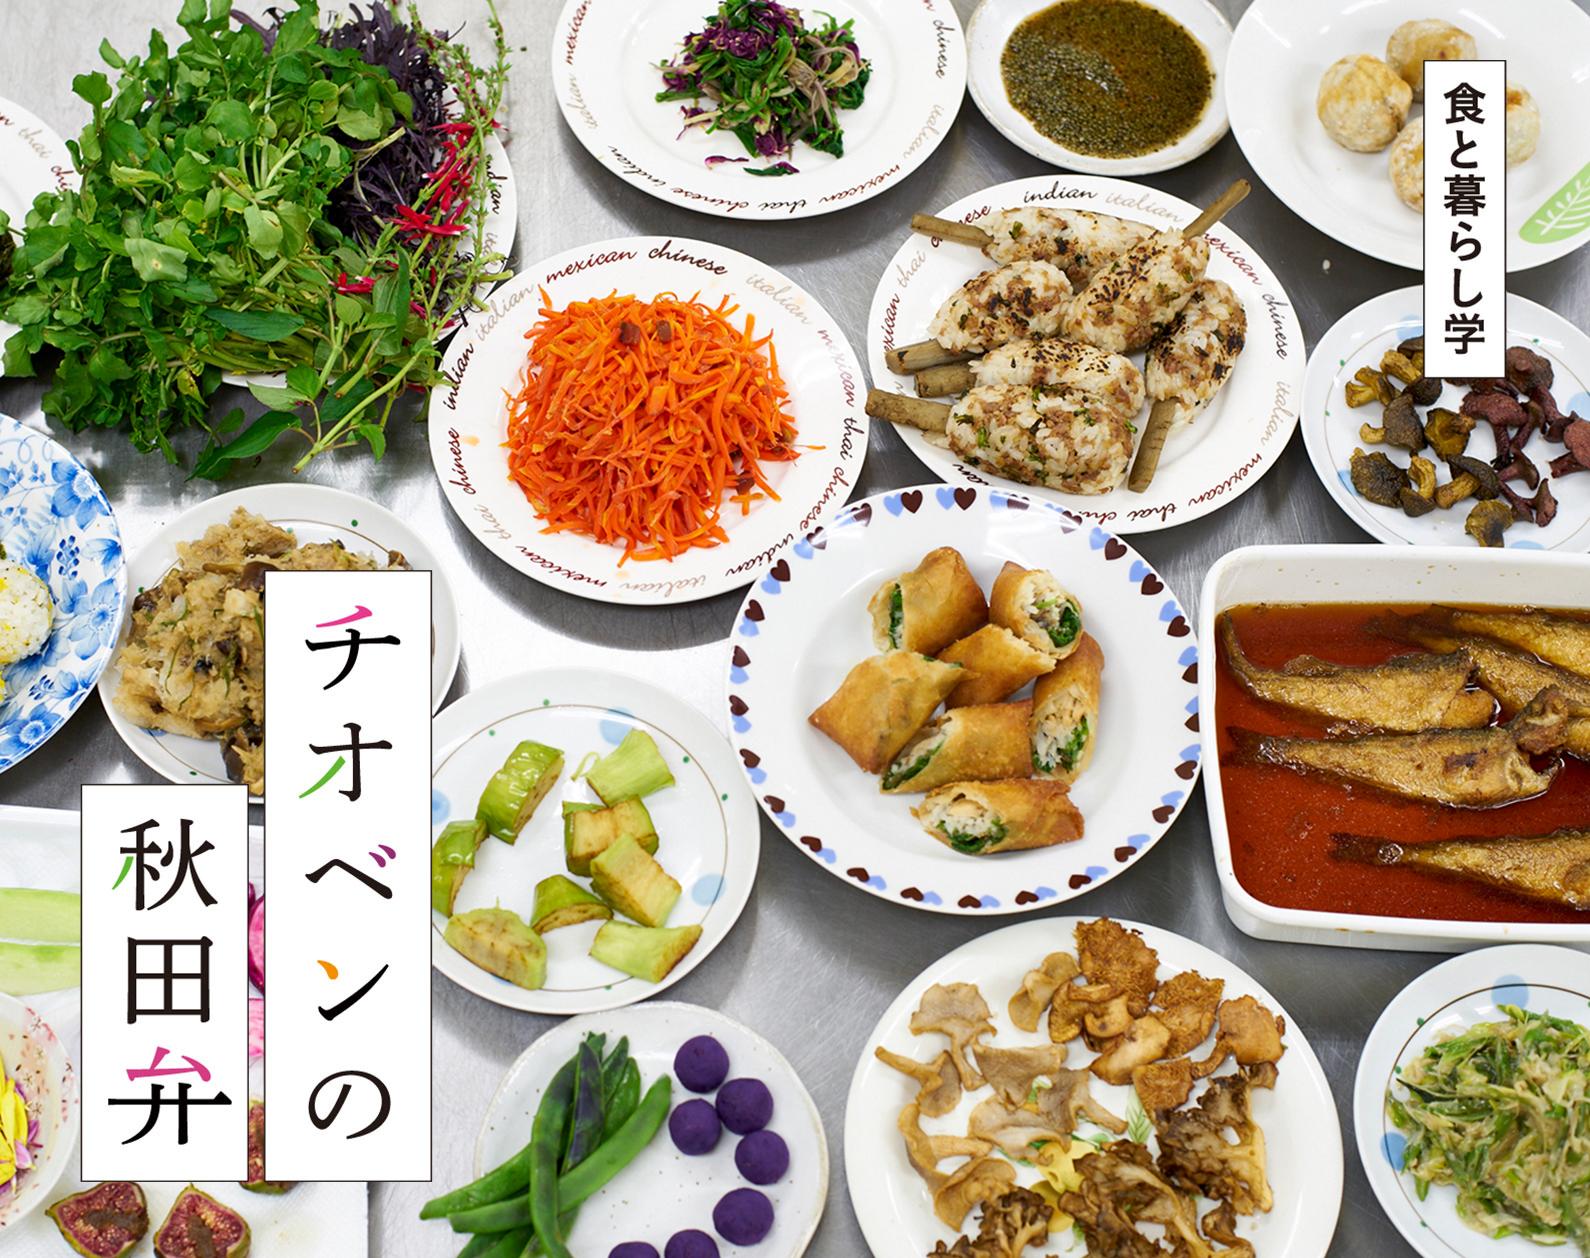 食と暮らし学 チオベンの秋田弁